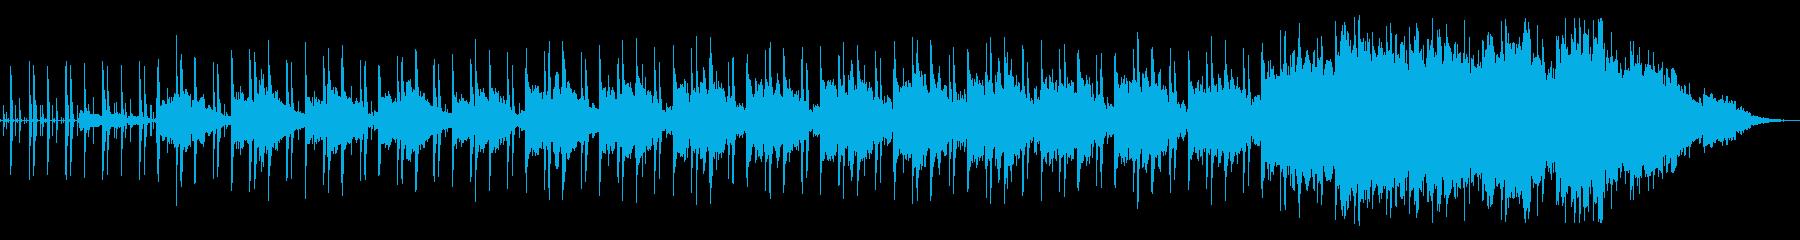 すこしずつ音が重なっていきますの再生済みの波形